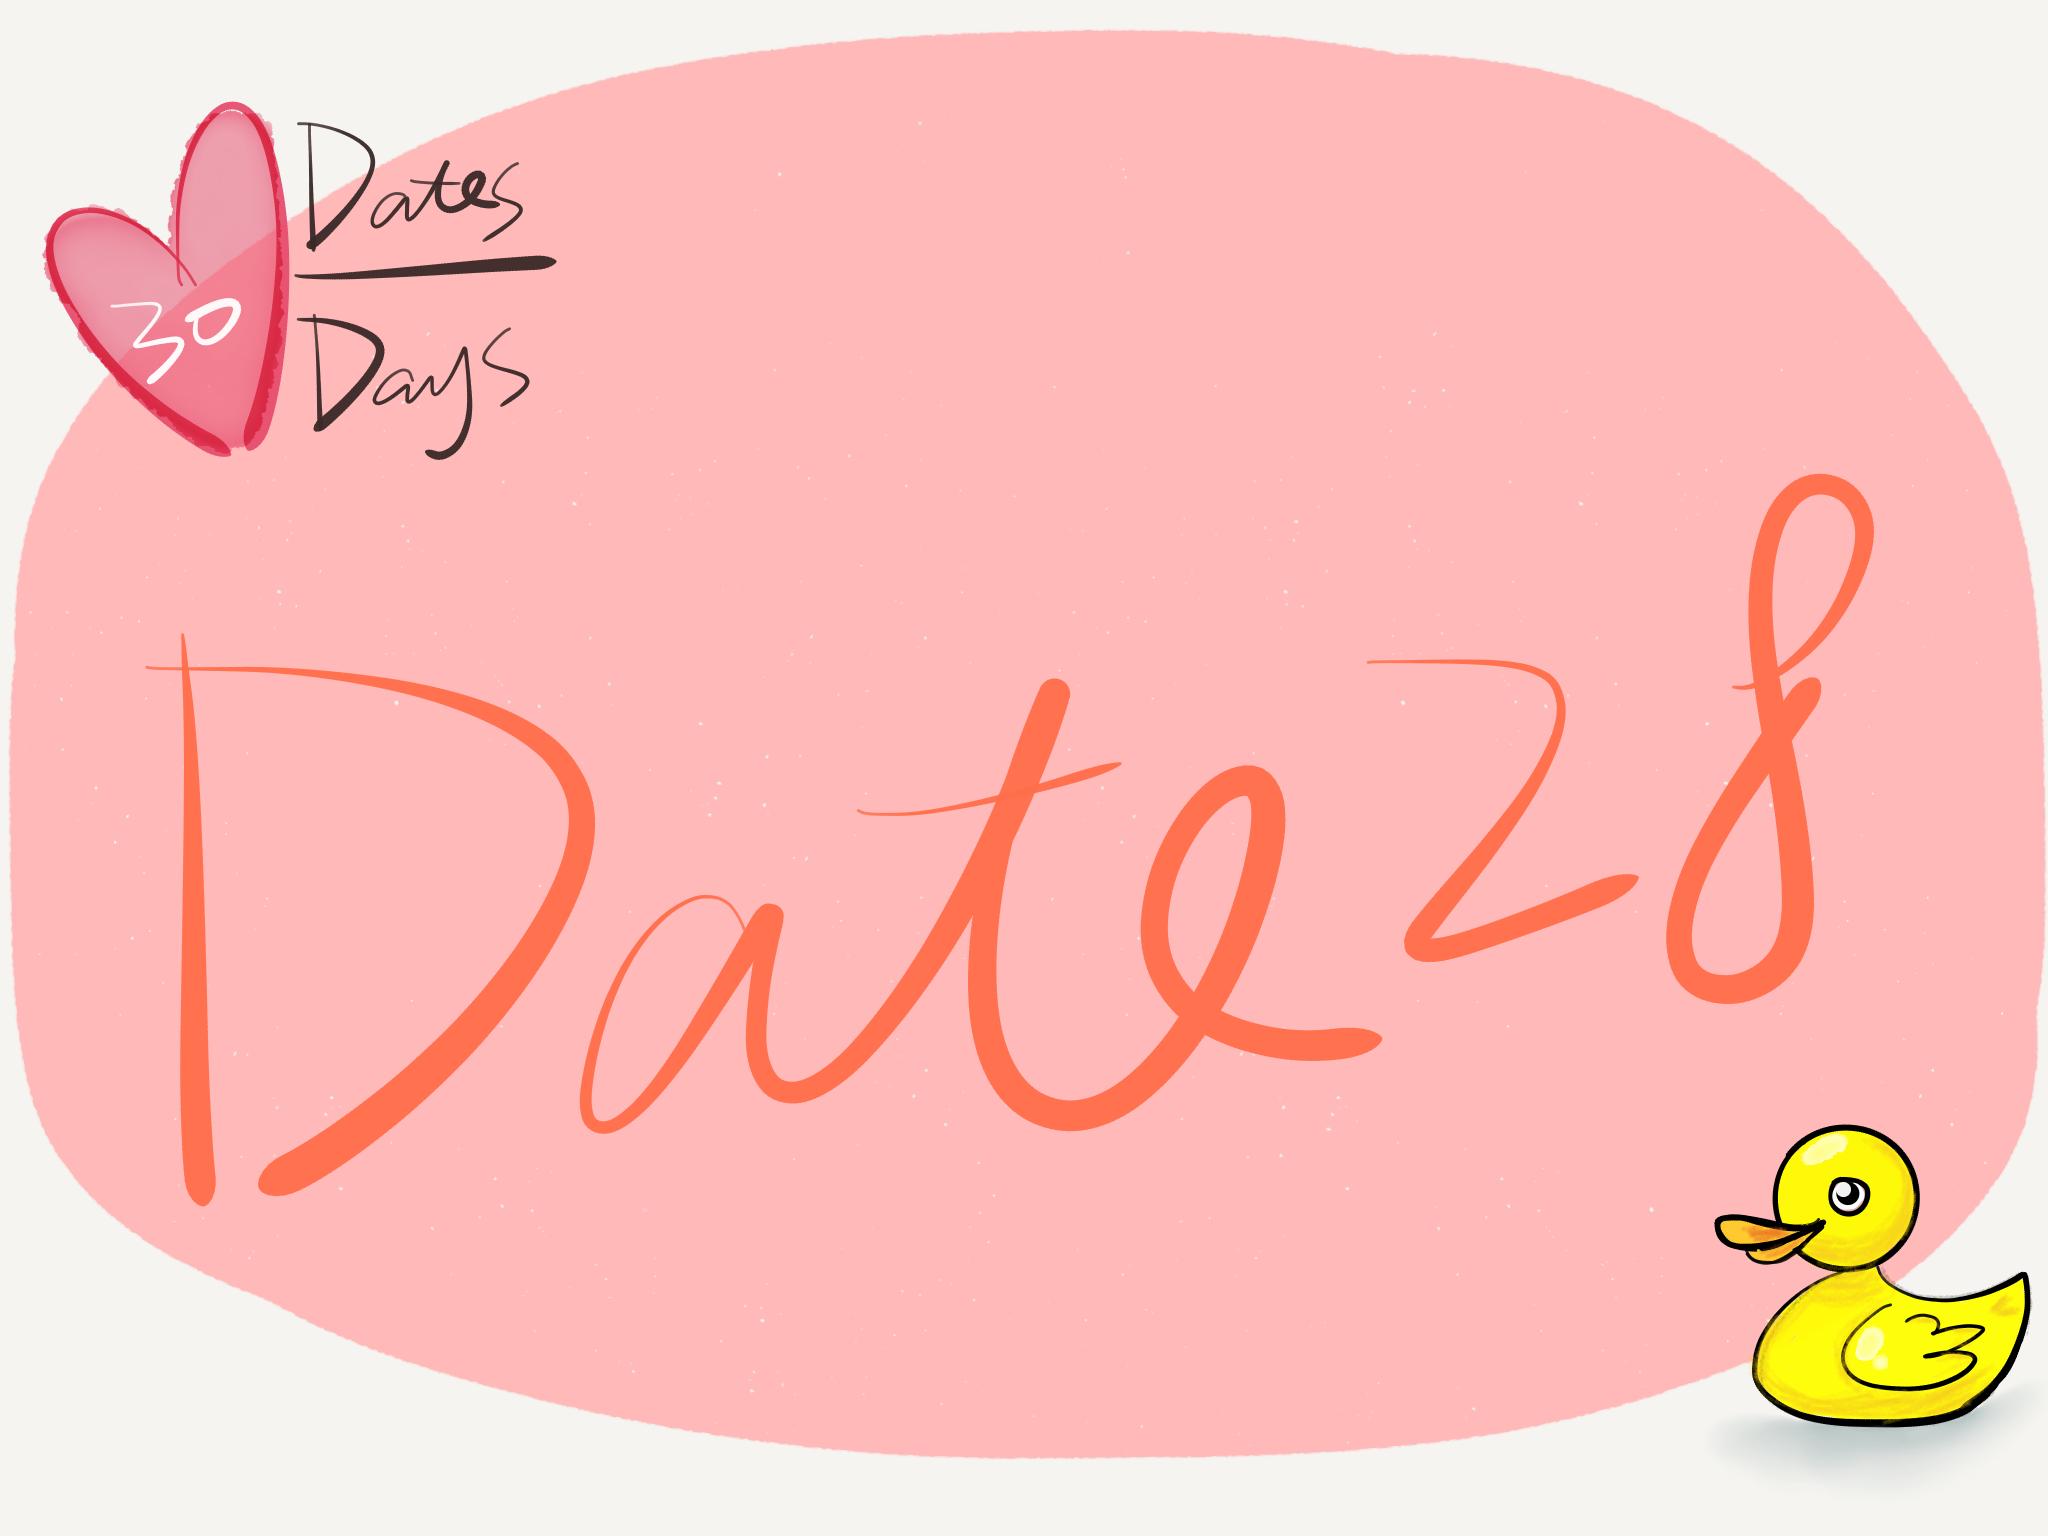 30 Dates - 31